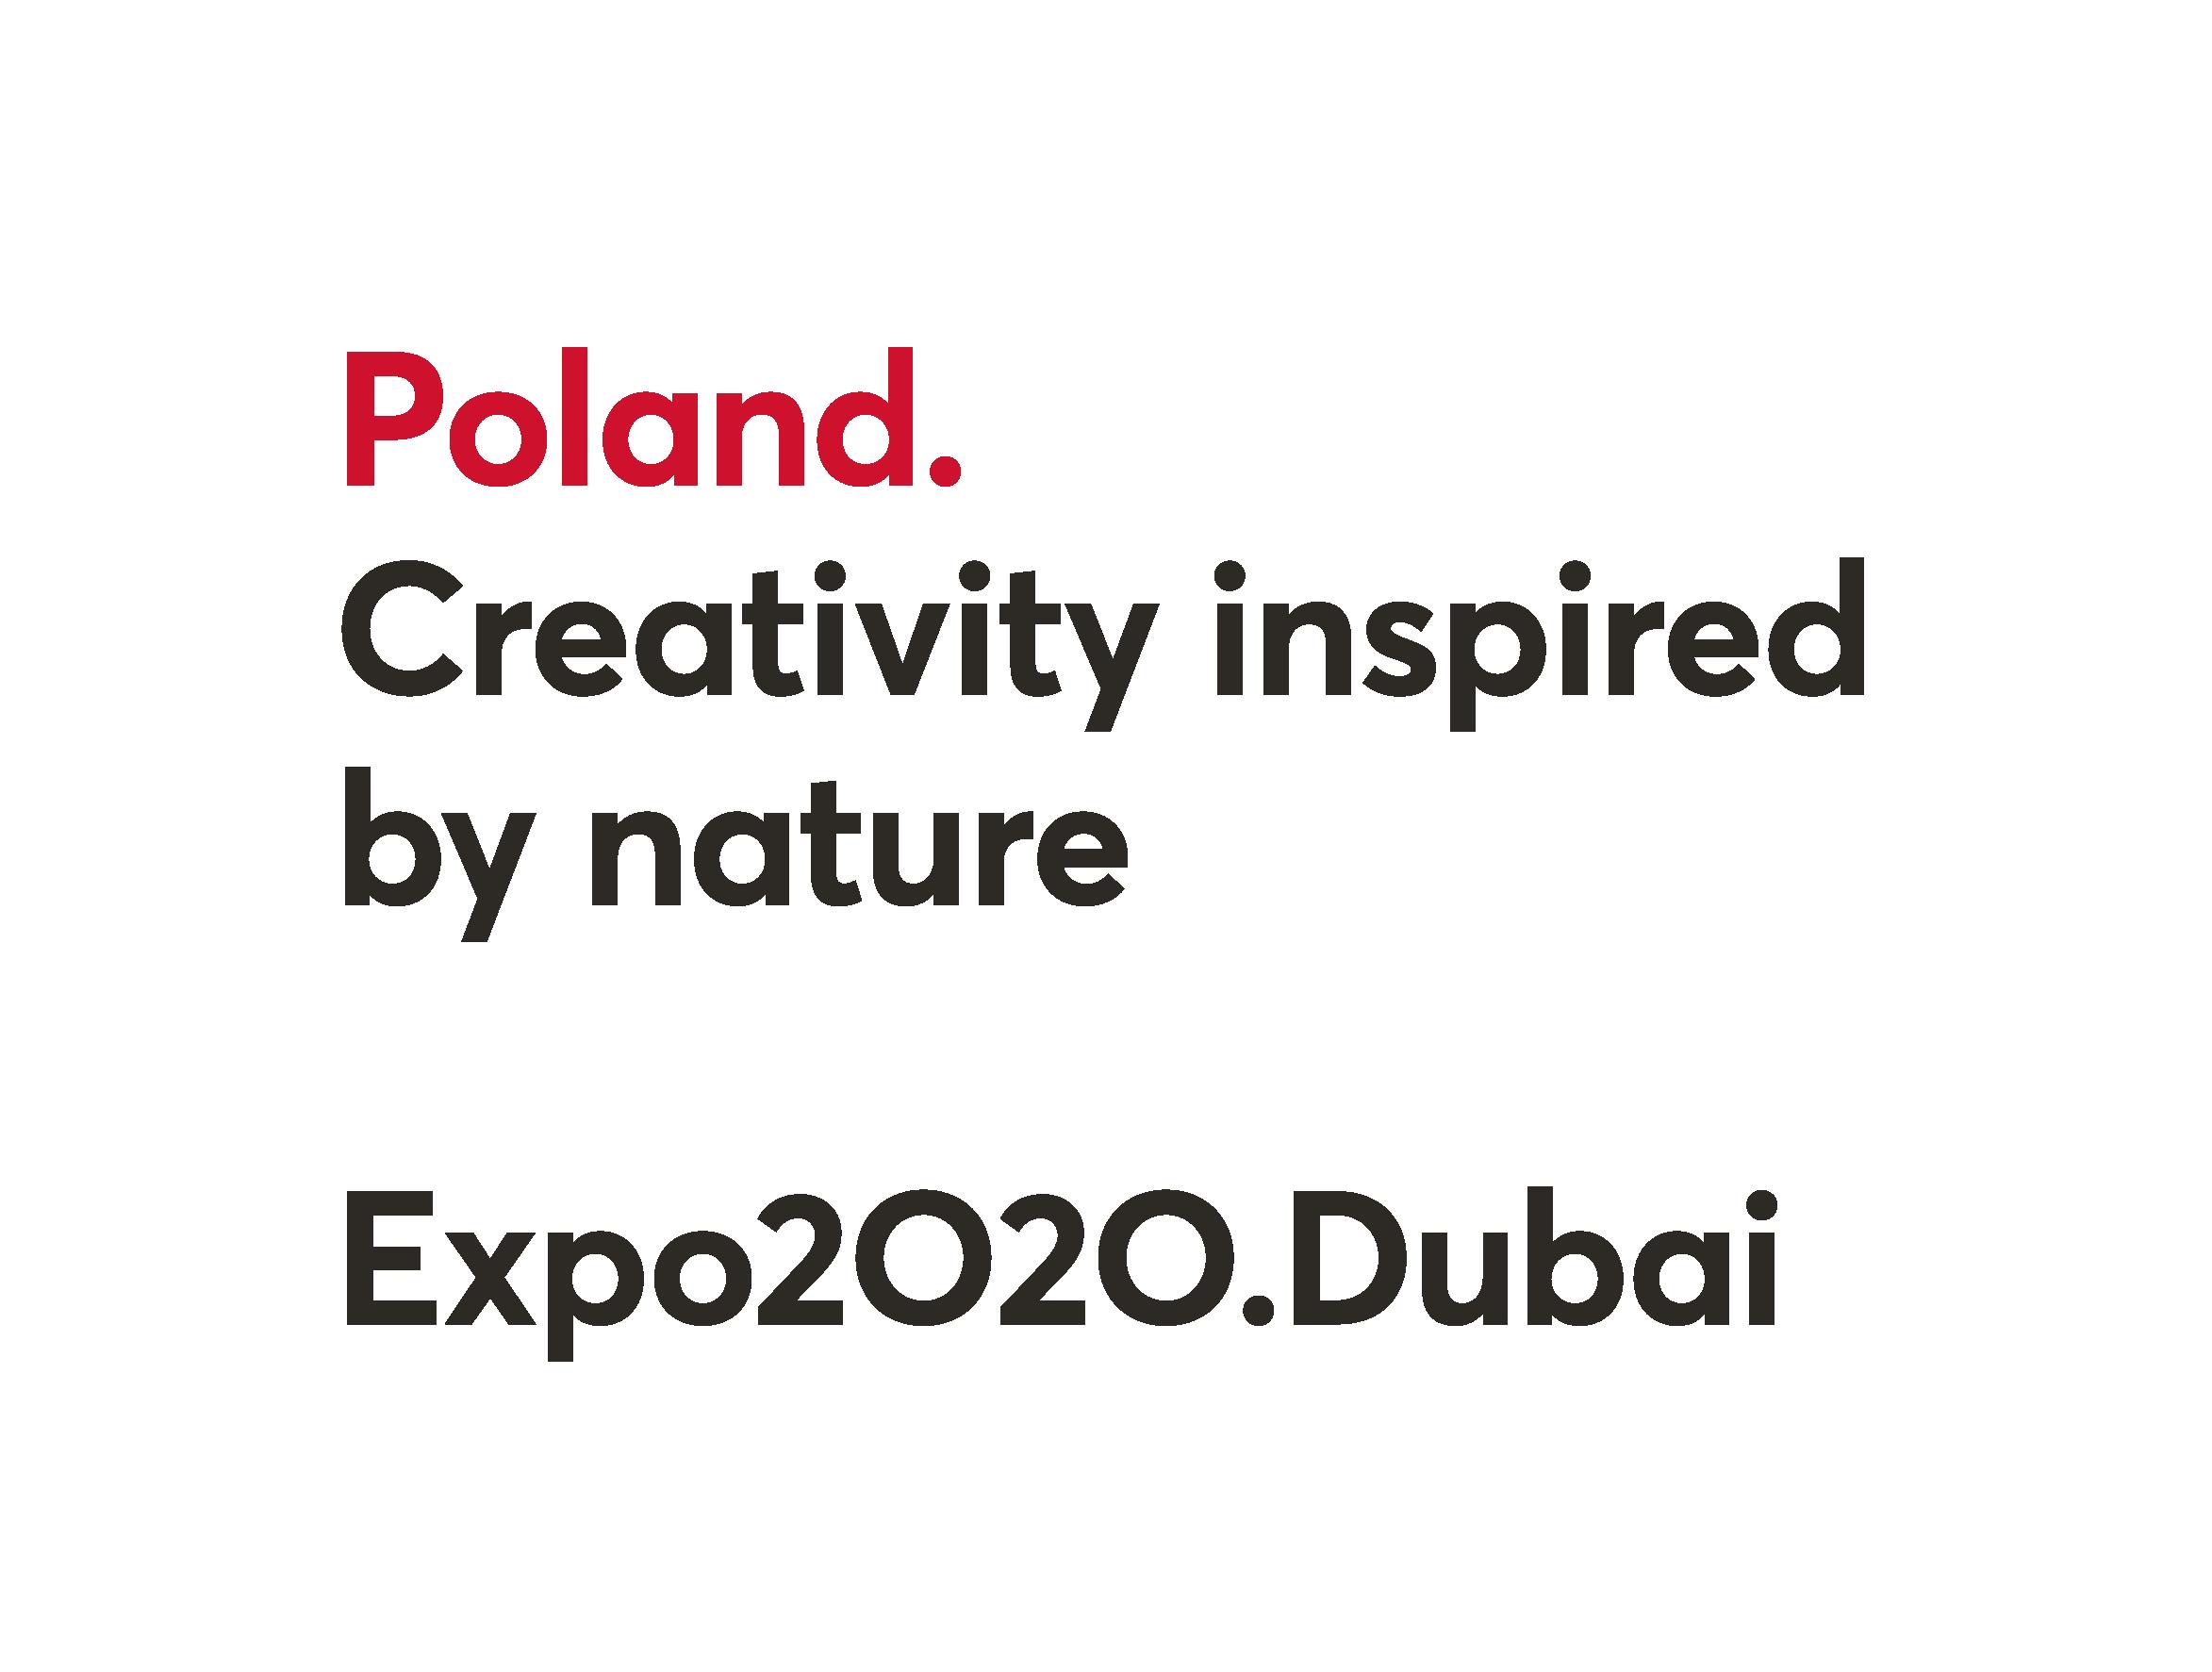 Logo z napisem Poland, Creativity inspired by nature, Expo 2020, Dubaj